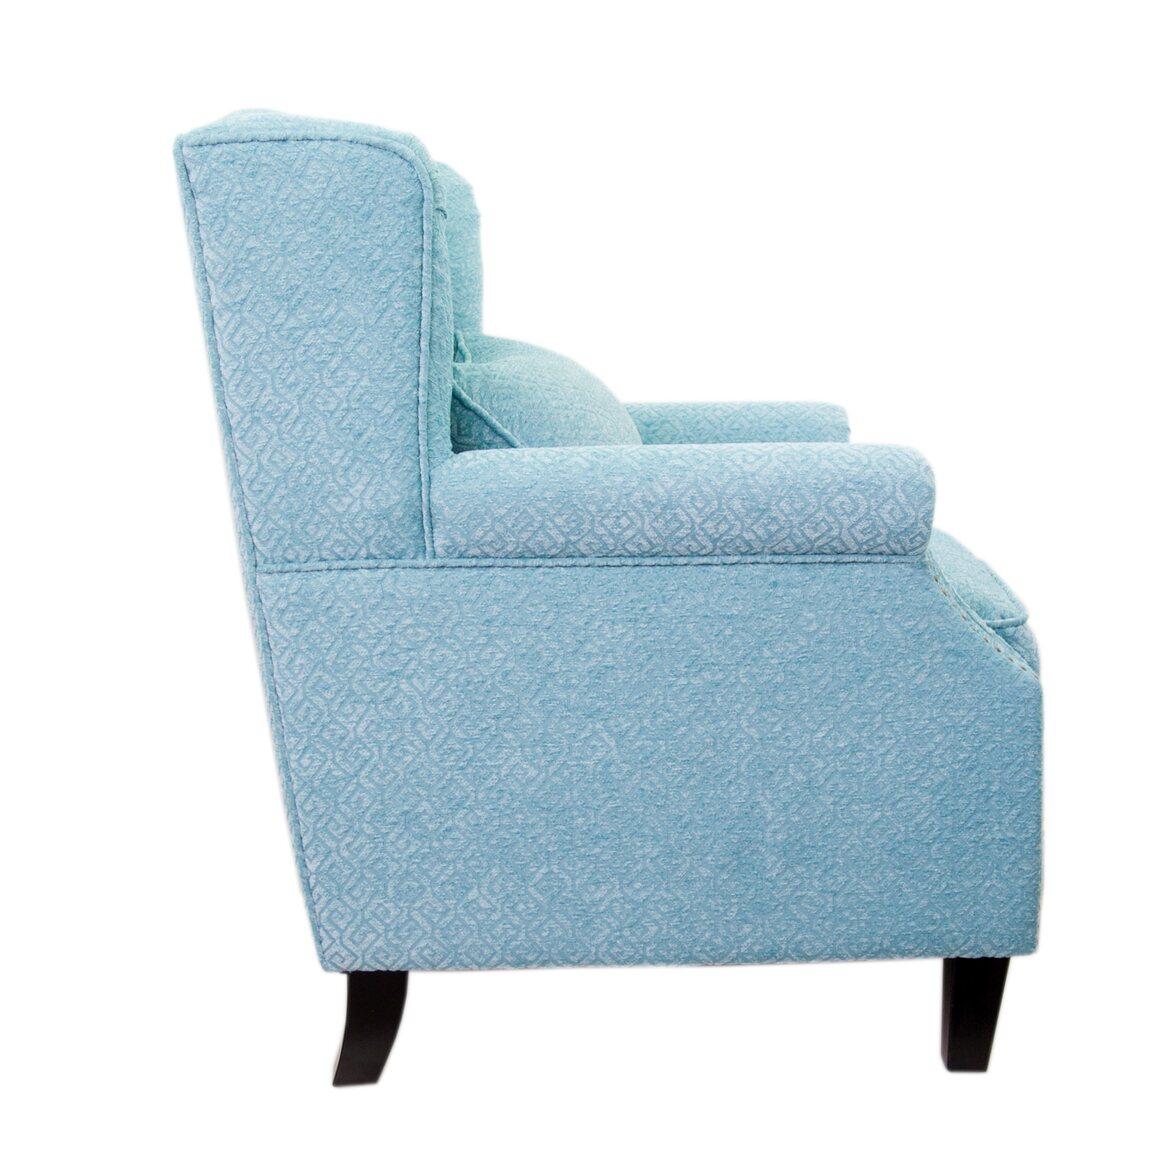 Полукресло Scott blue 2 | Каминные кресла Kingsby